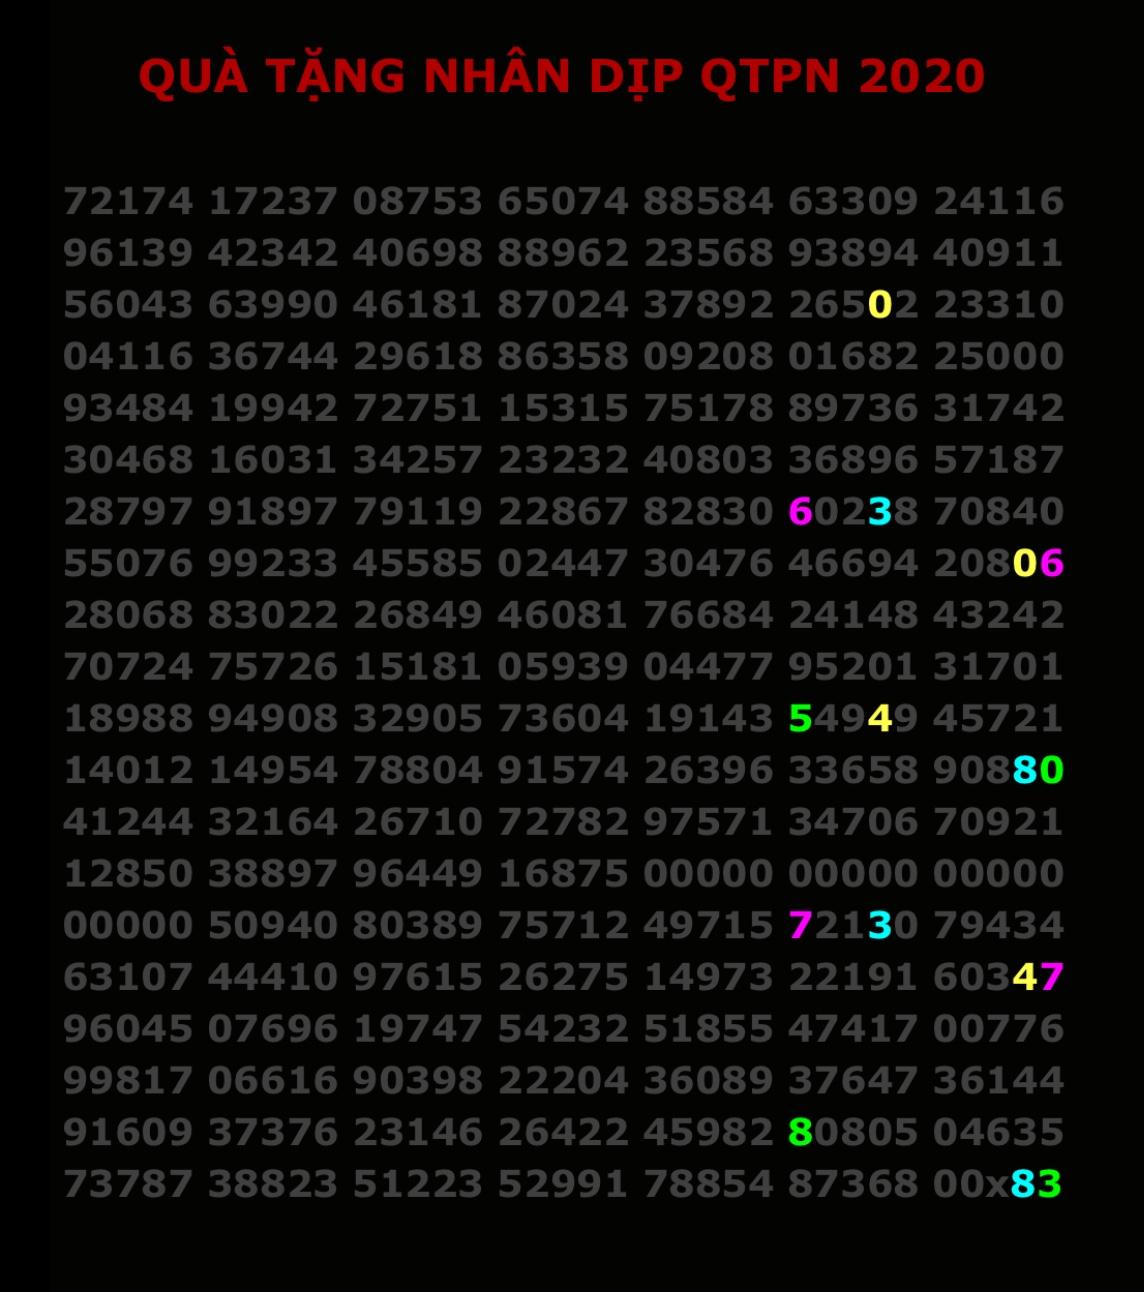 18DD1321-D23B-4793-B2D0-9F177DF2AA4C.jpeg